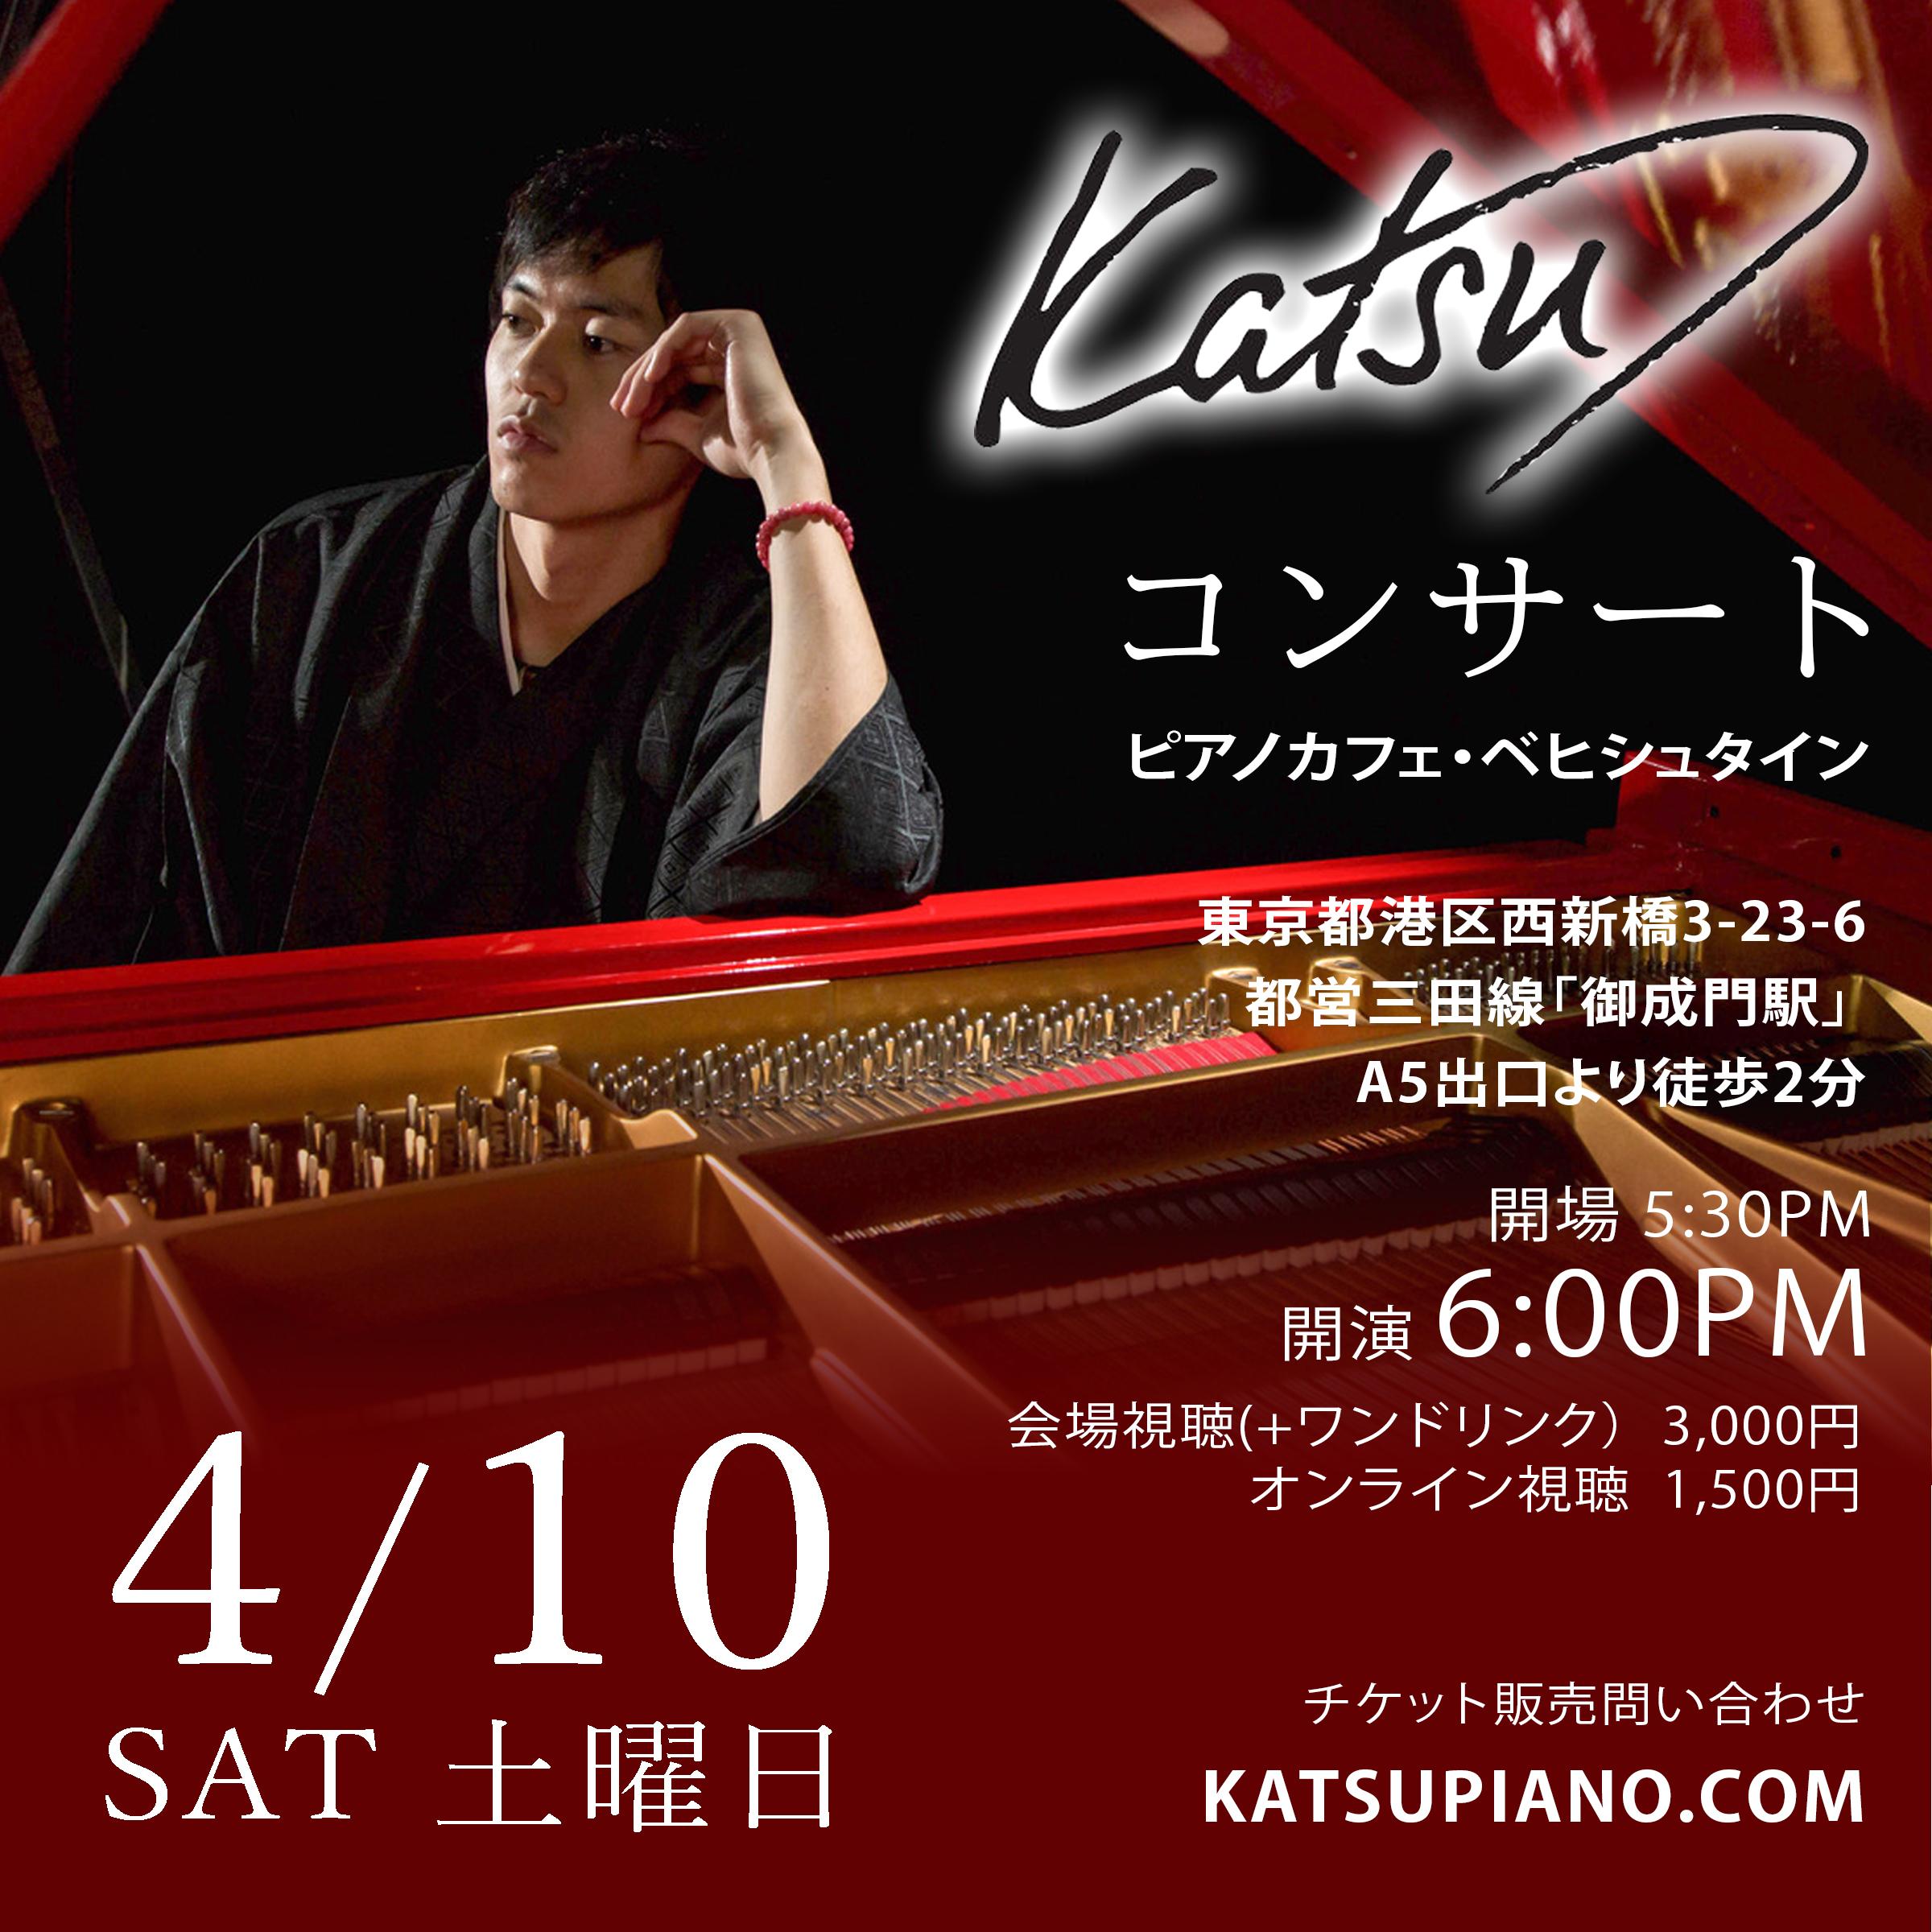 4/10 コンサート 東京 ピアノカフェ・ベヒシュタイン